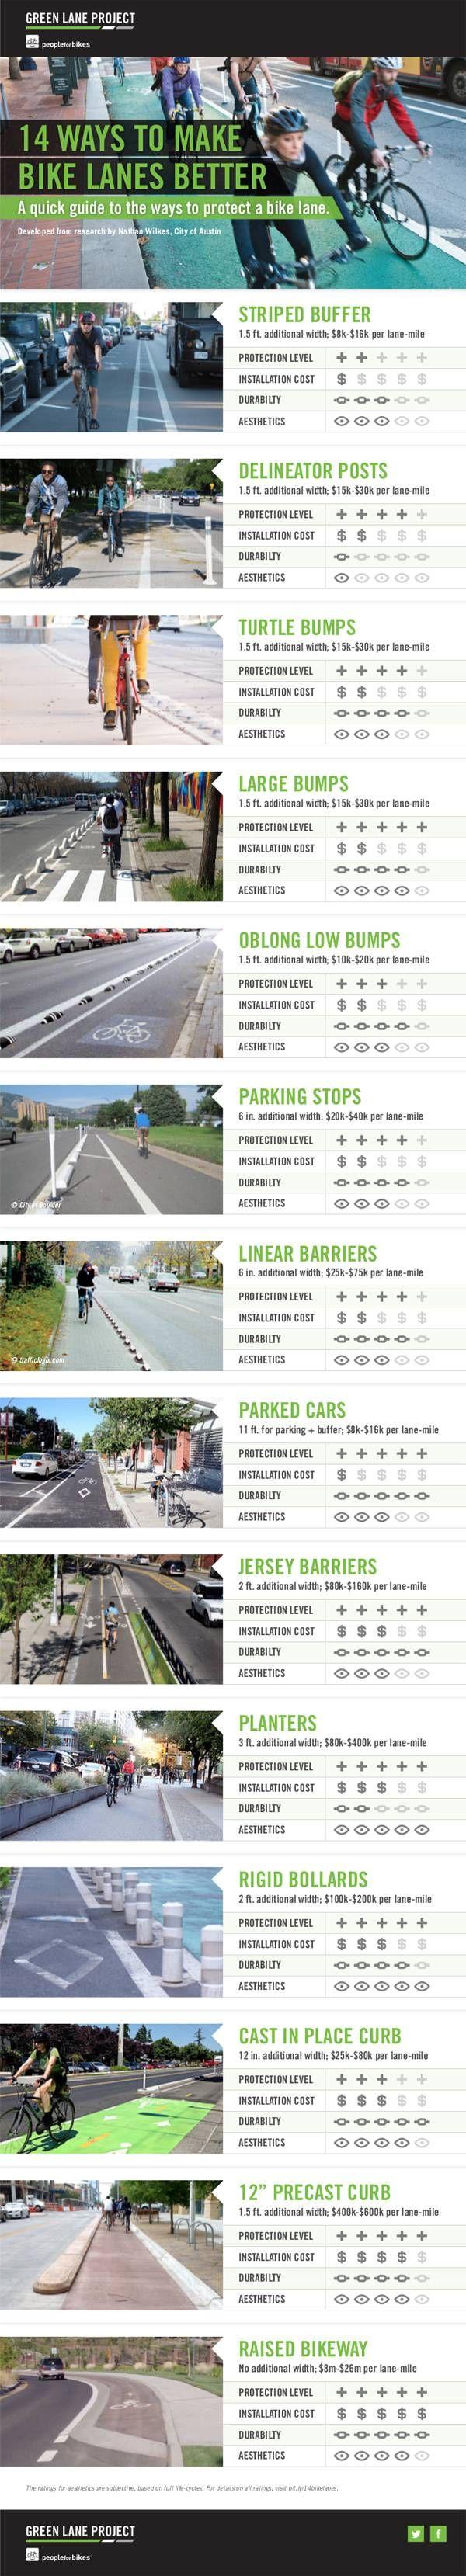 14 Ways to Make Bike Lanes Better